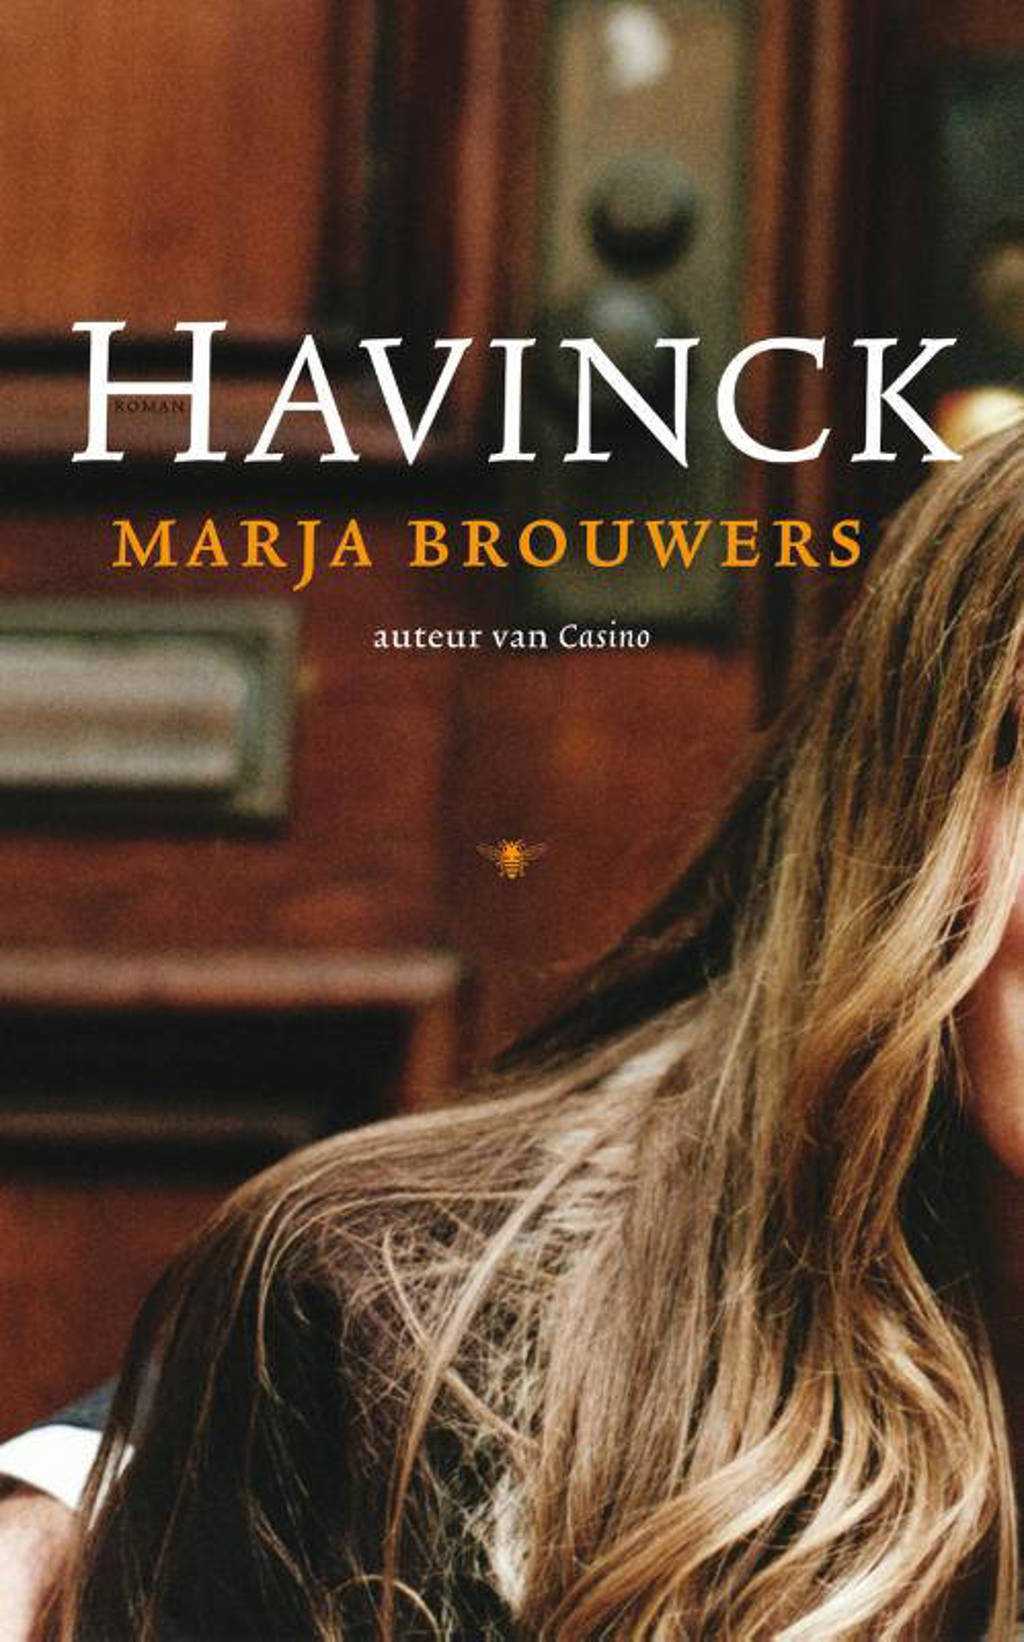 Havinck - Mariëtte Brouwers